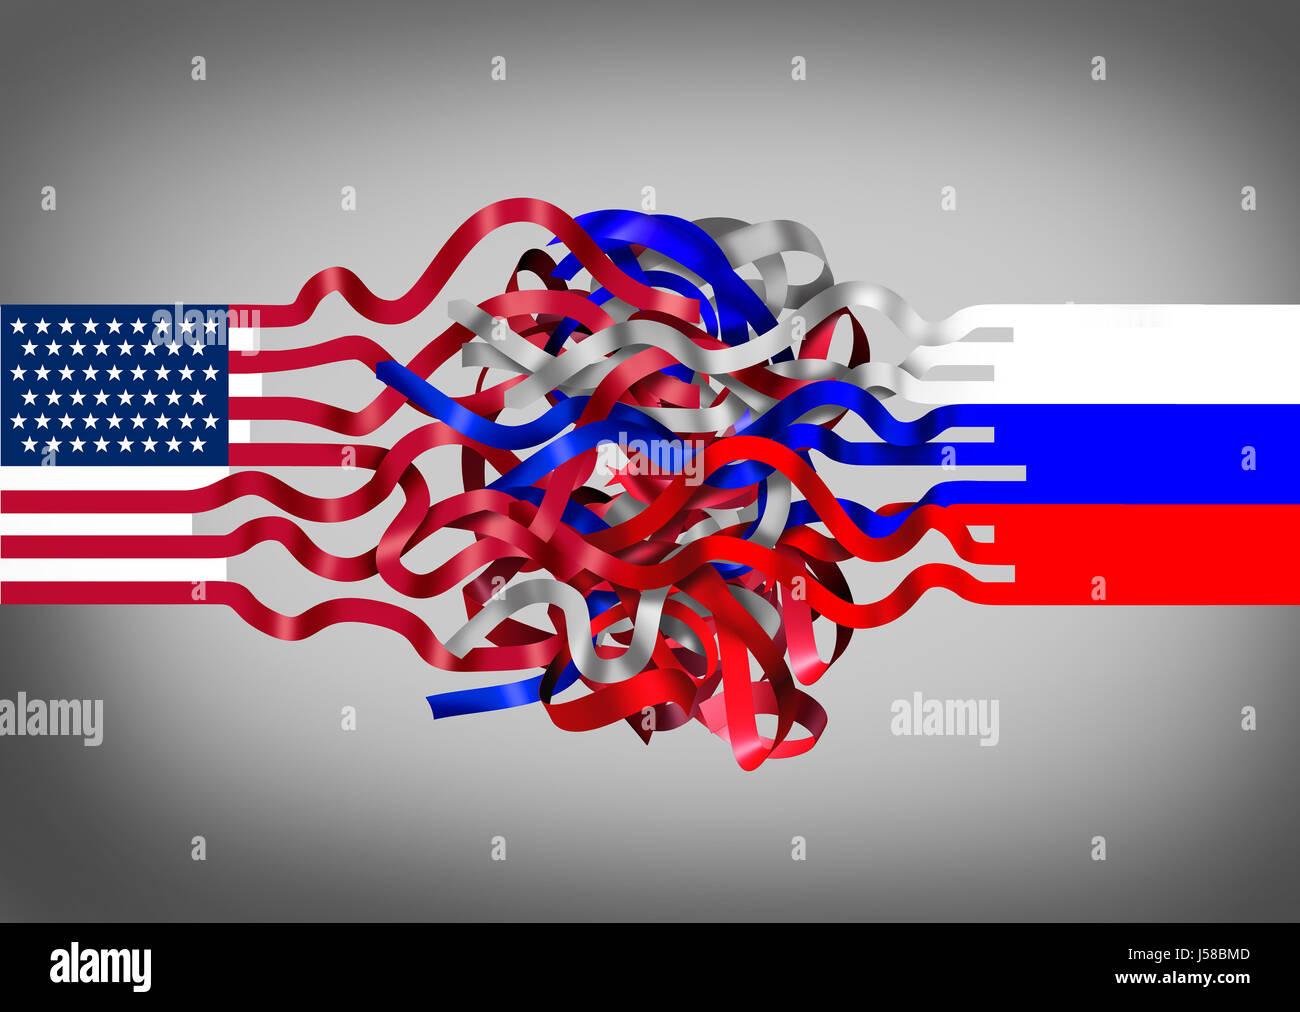 Rusia Estados Unidos crisis como una bandera americana mezclada con un símbolo de Rusia como un desafío Imagen De Stock